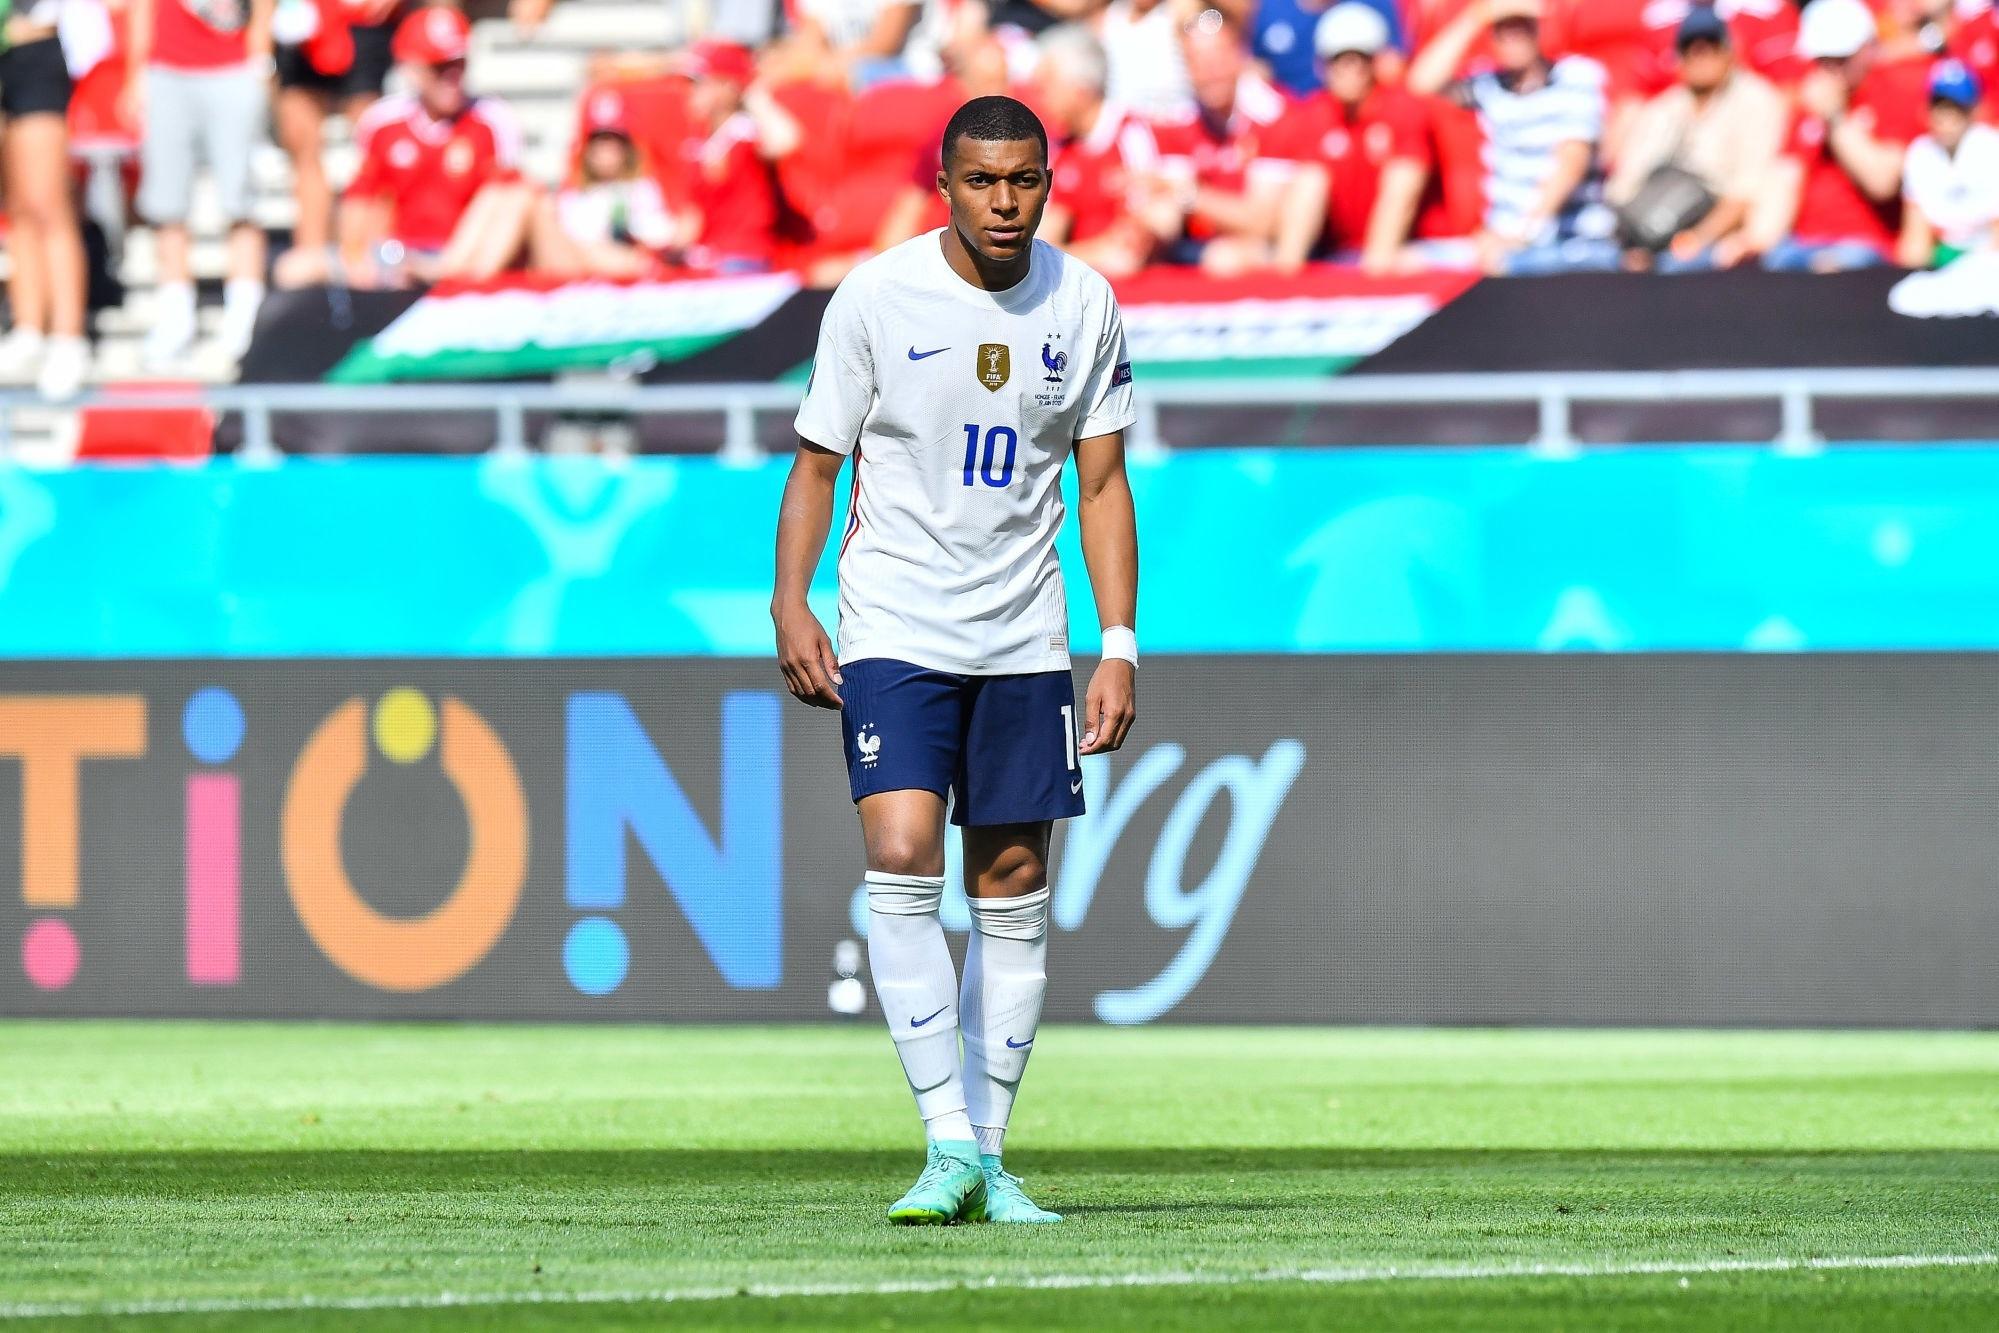 Euro 2020 - Mbappé va tirer les coup-francs directs de l'Equipe de France, selon RMC Sport